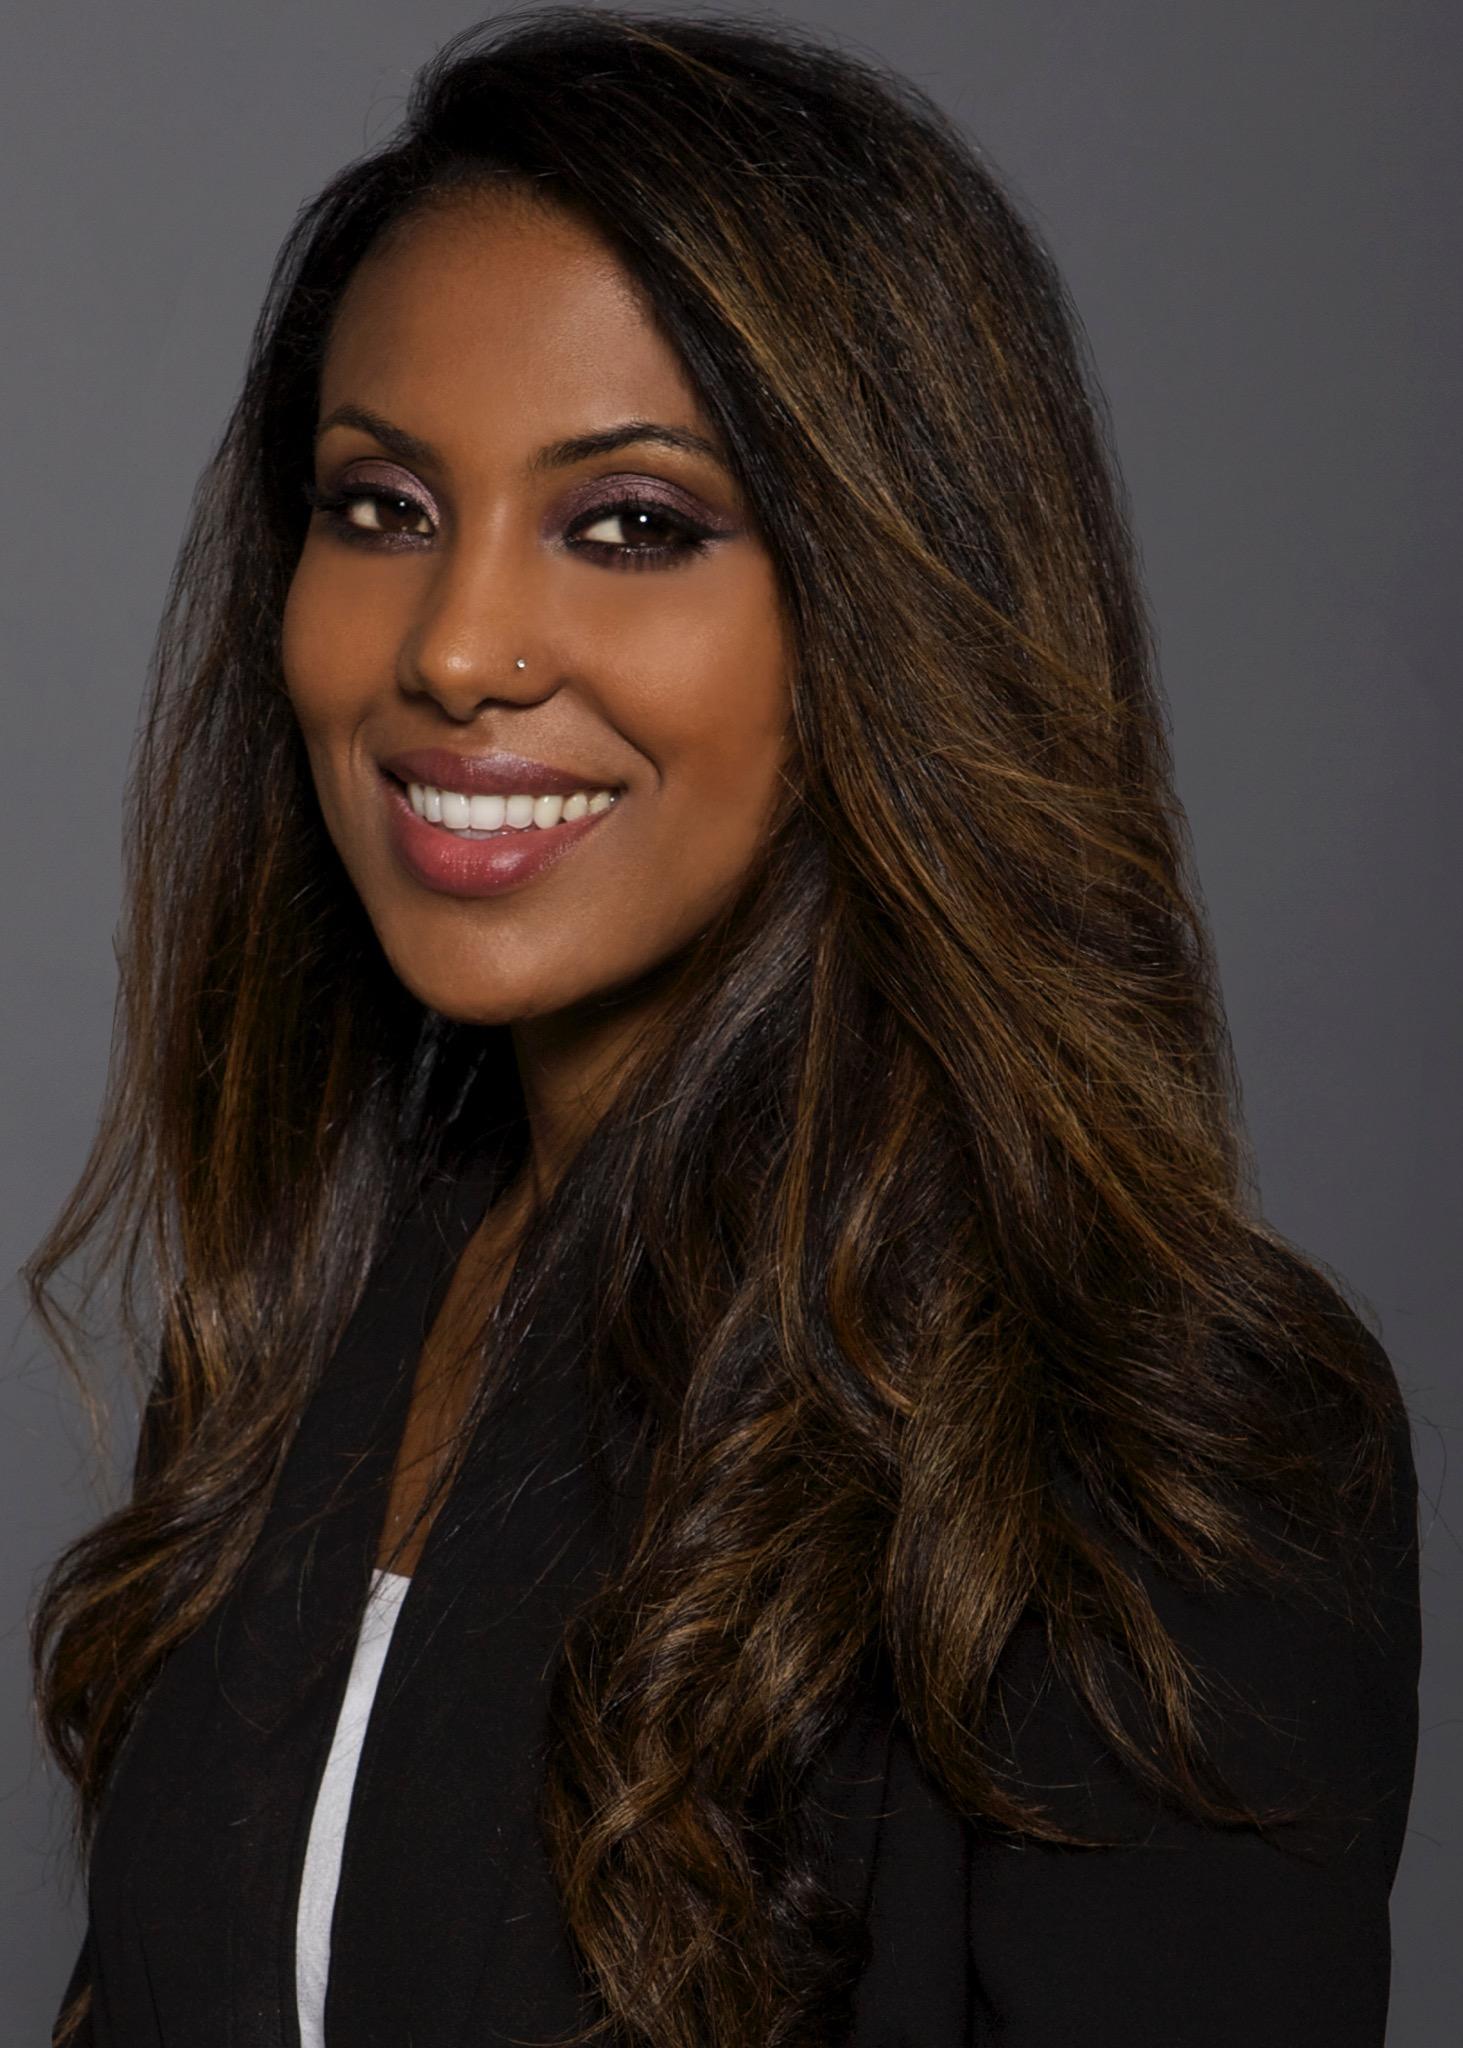 Dr. Meena Singh,  Board Certified Dermatologist @drmeenasing